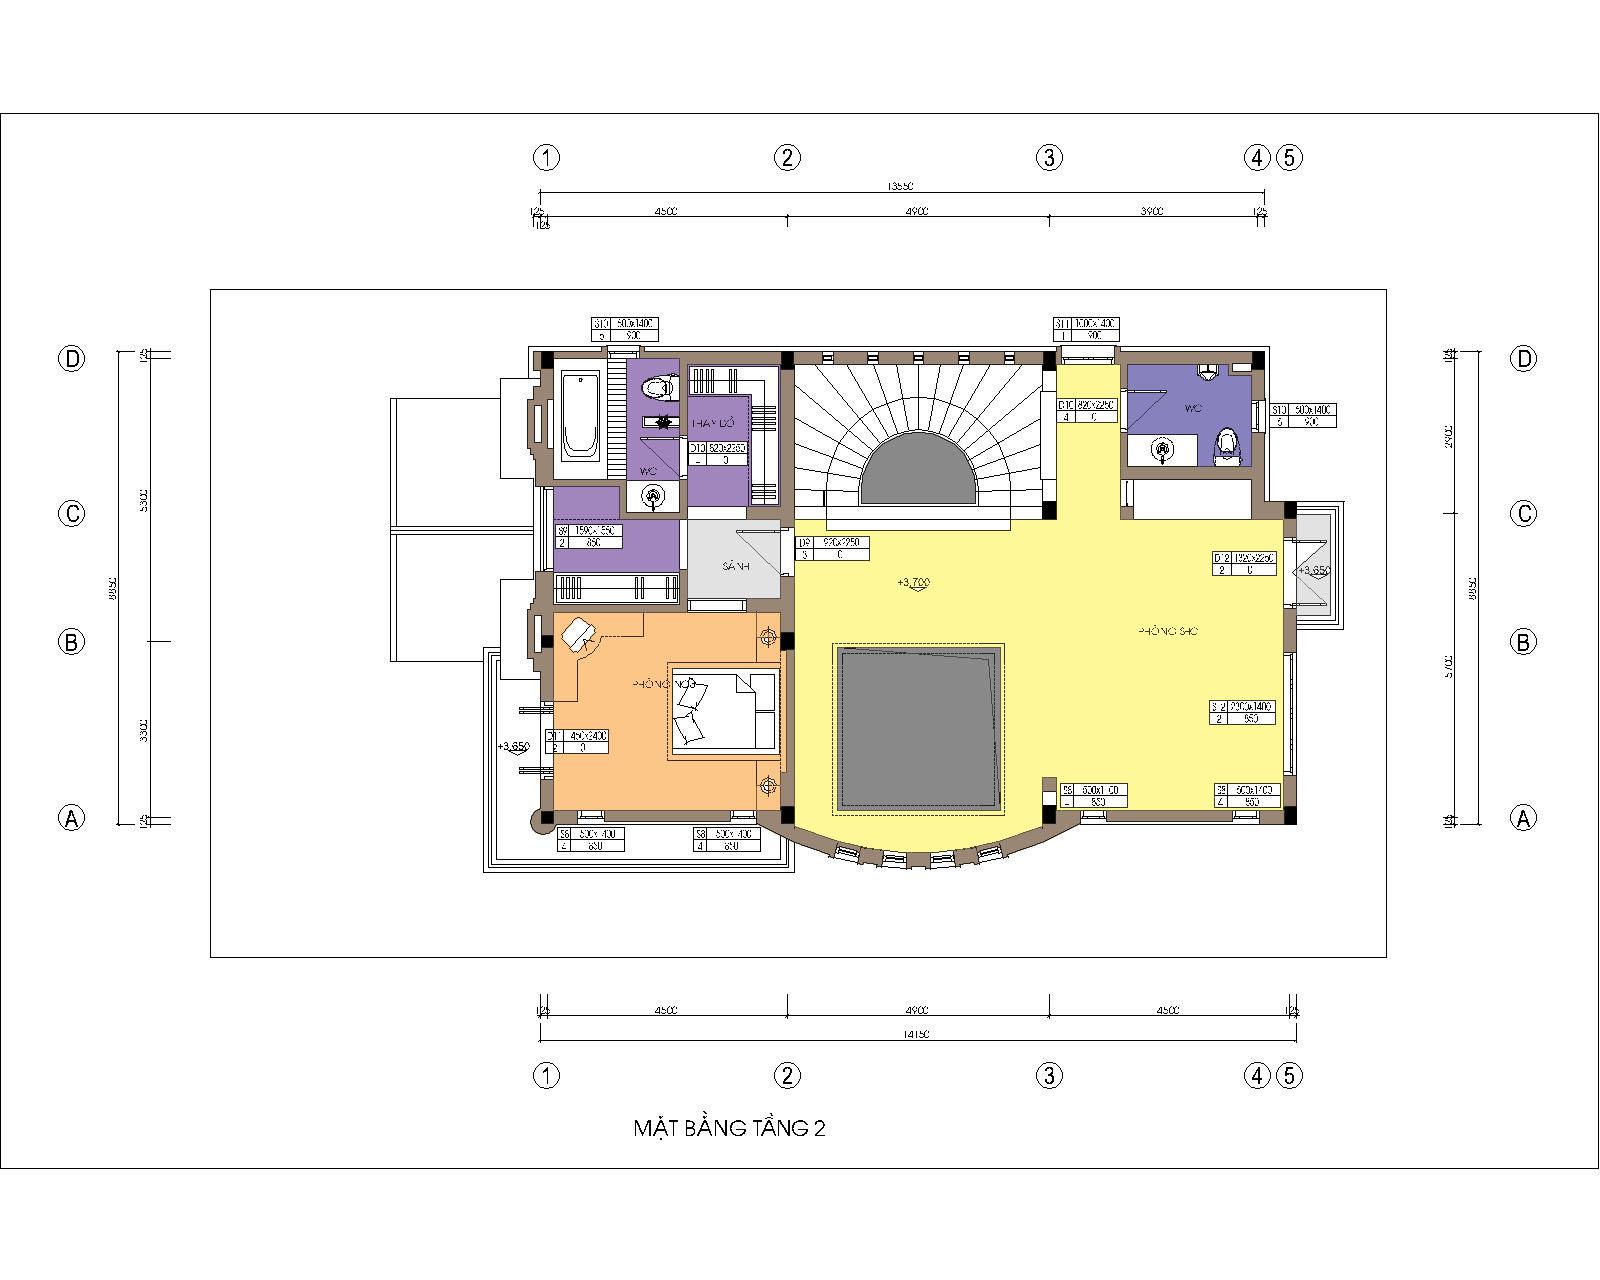 Biệt thự / nhà vườn 10x15m trên đất 13x22m - Mặt bằng tầng 2